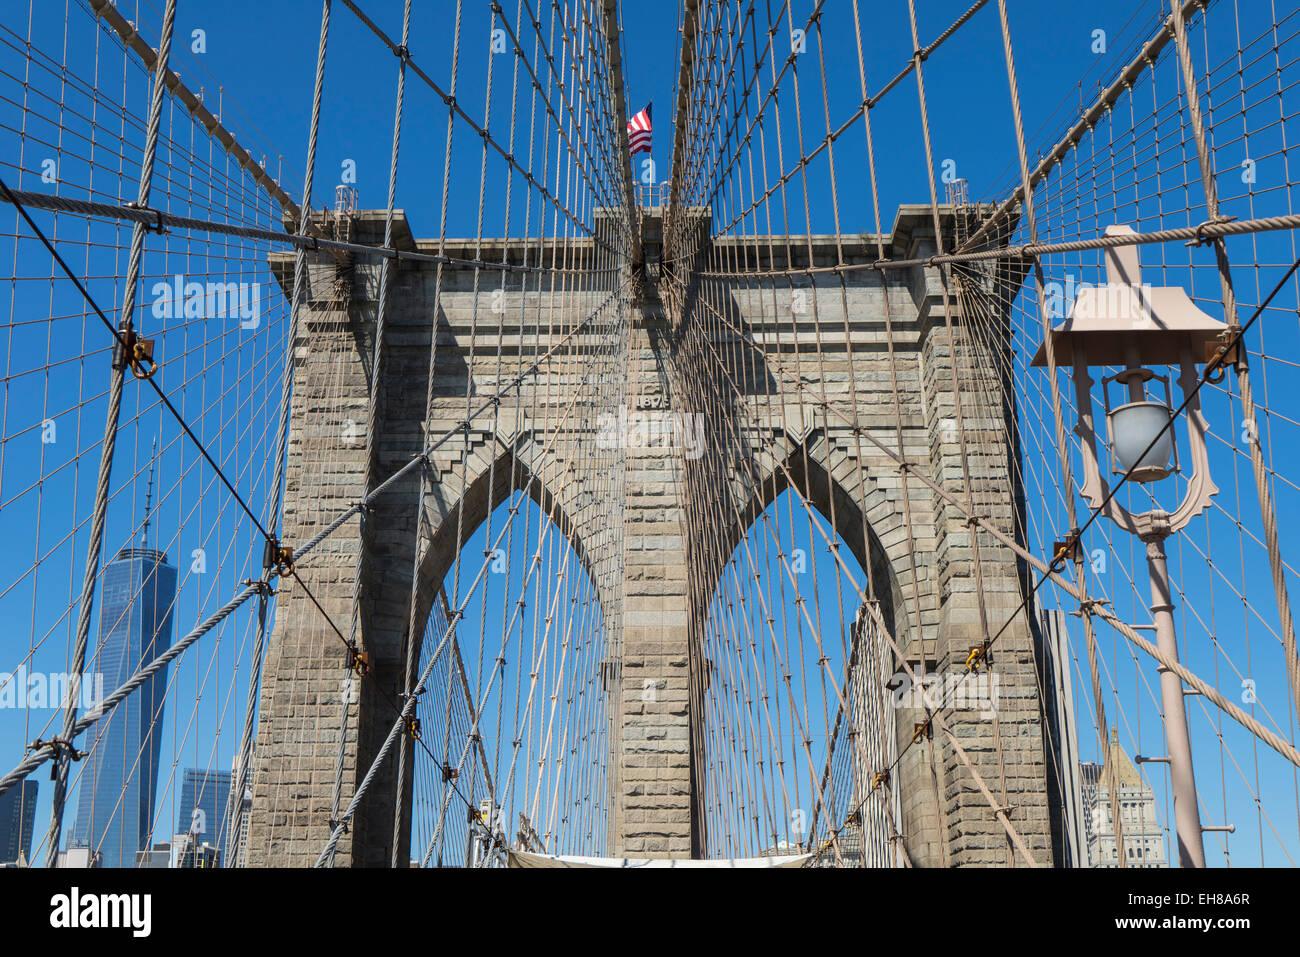 Détails Pont de Brooklyn, Brooklyn, New York City, New York, États-Unis d'Amérique, Amérique Photo Stock